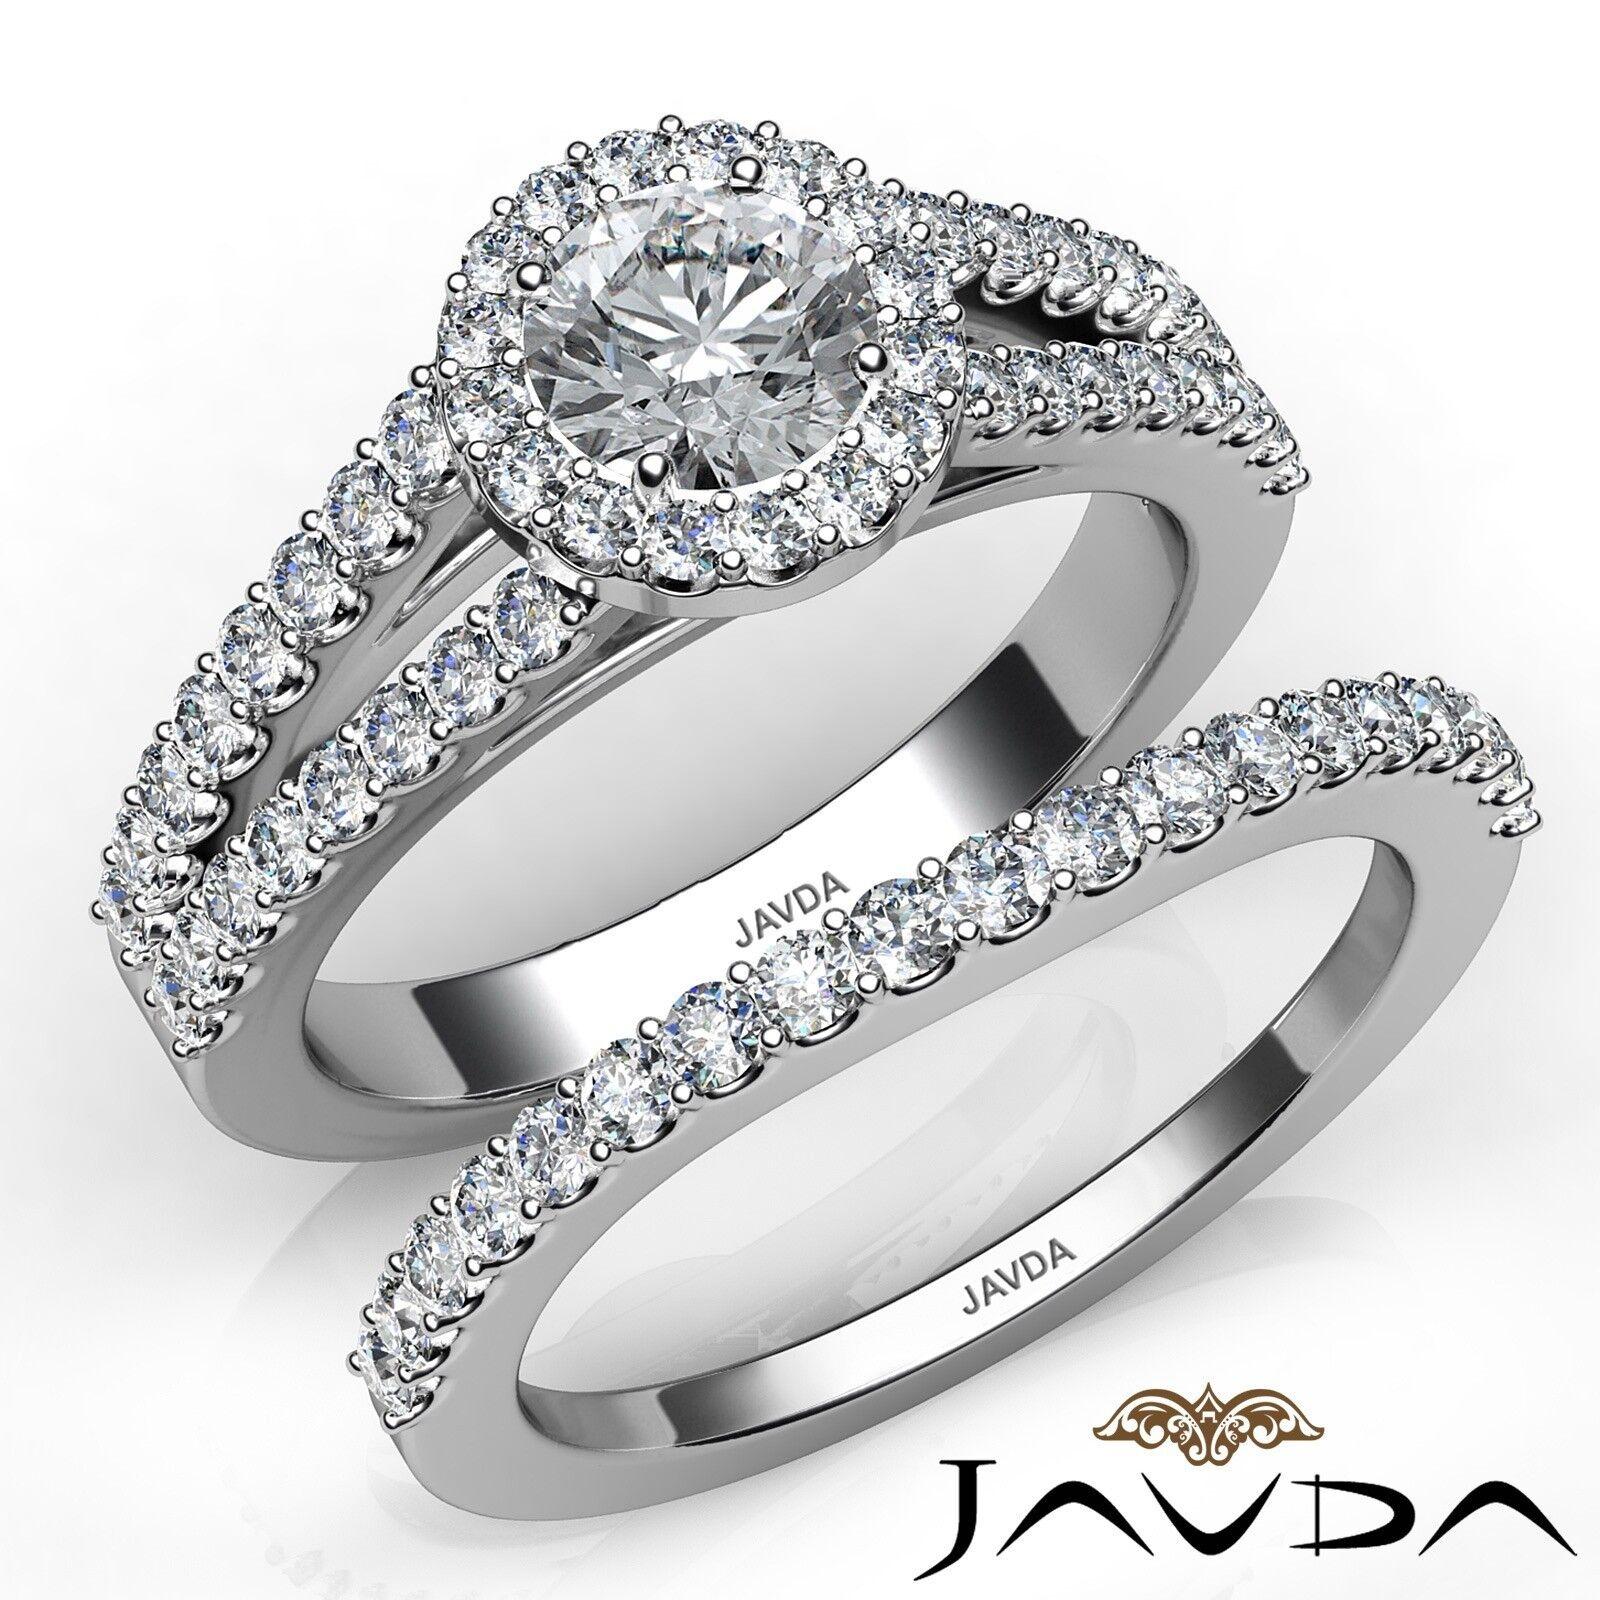 1.65ctw Luxurious Wedding Bridal Round Diamond Engagement Ring GIA E-VVS2 W Gold